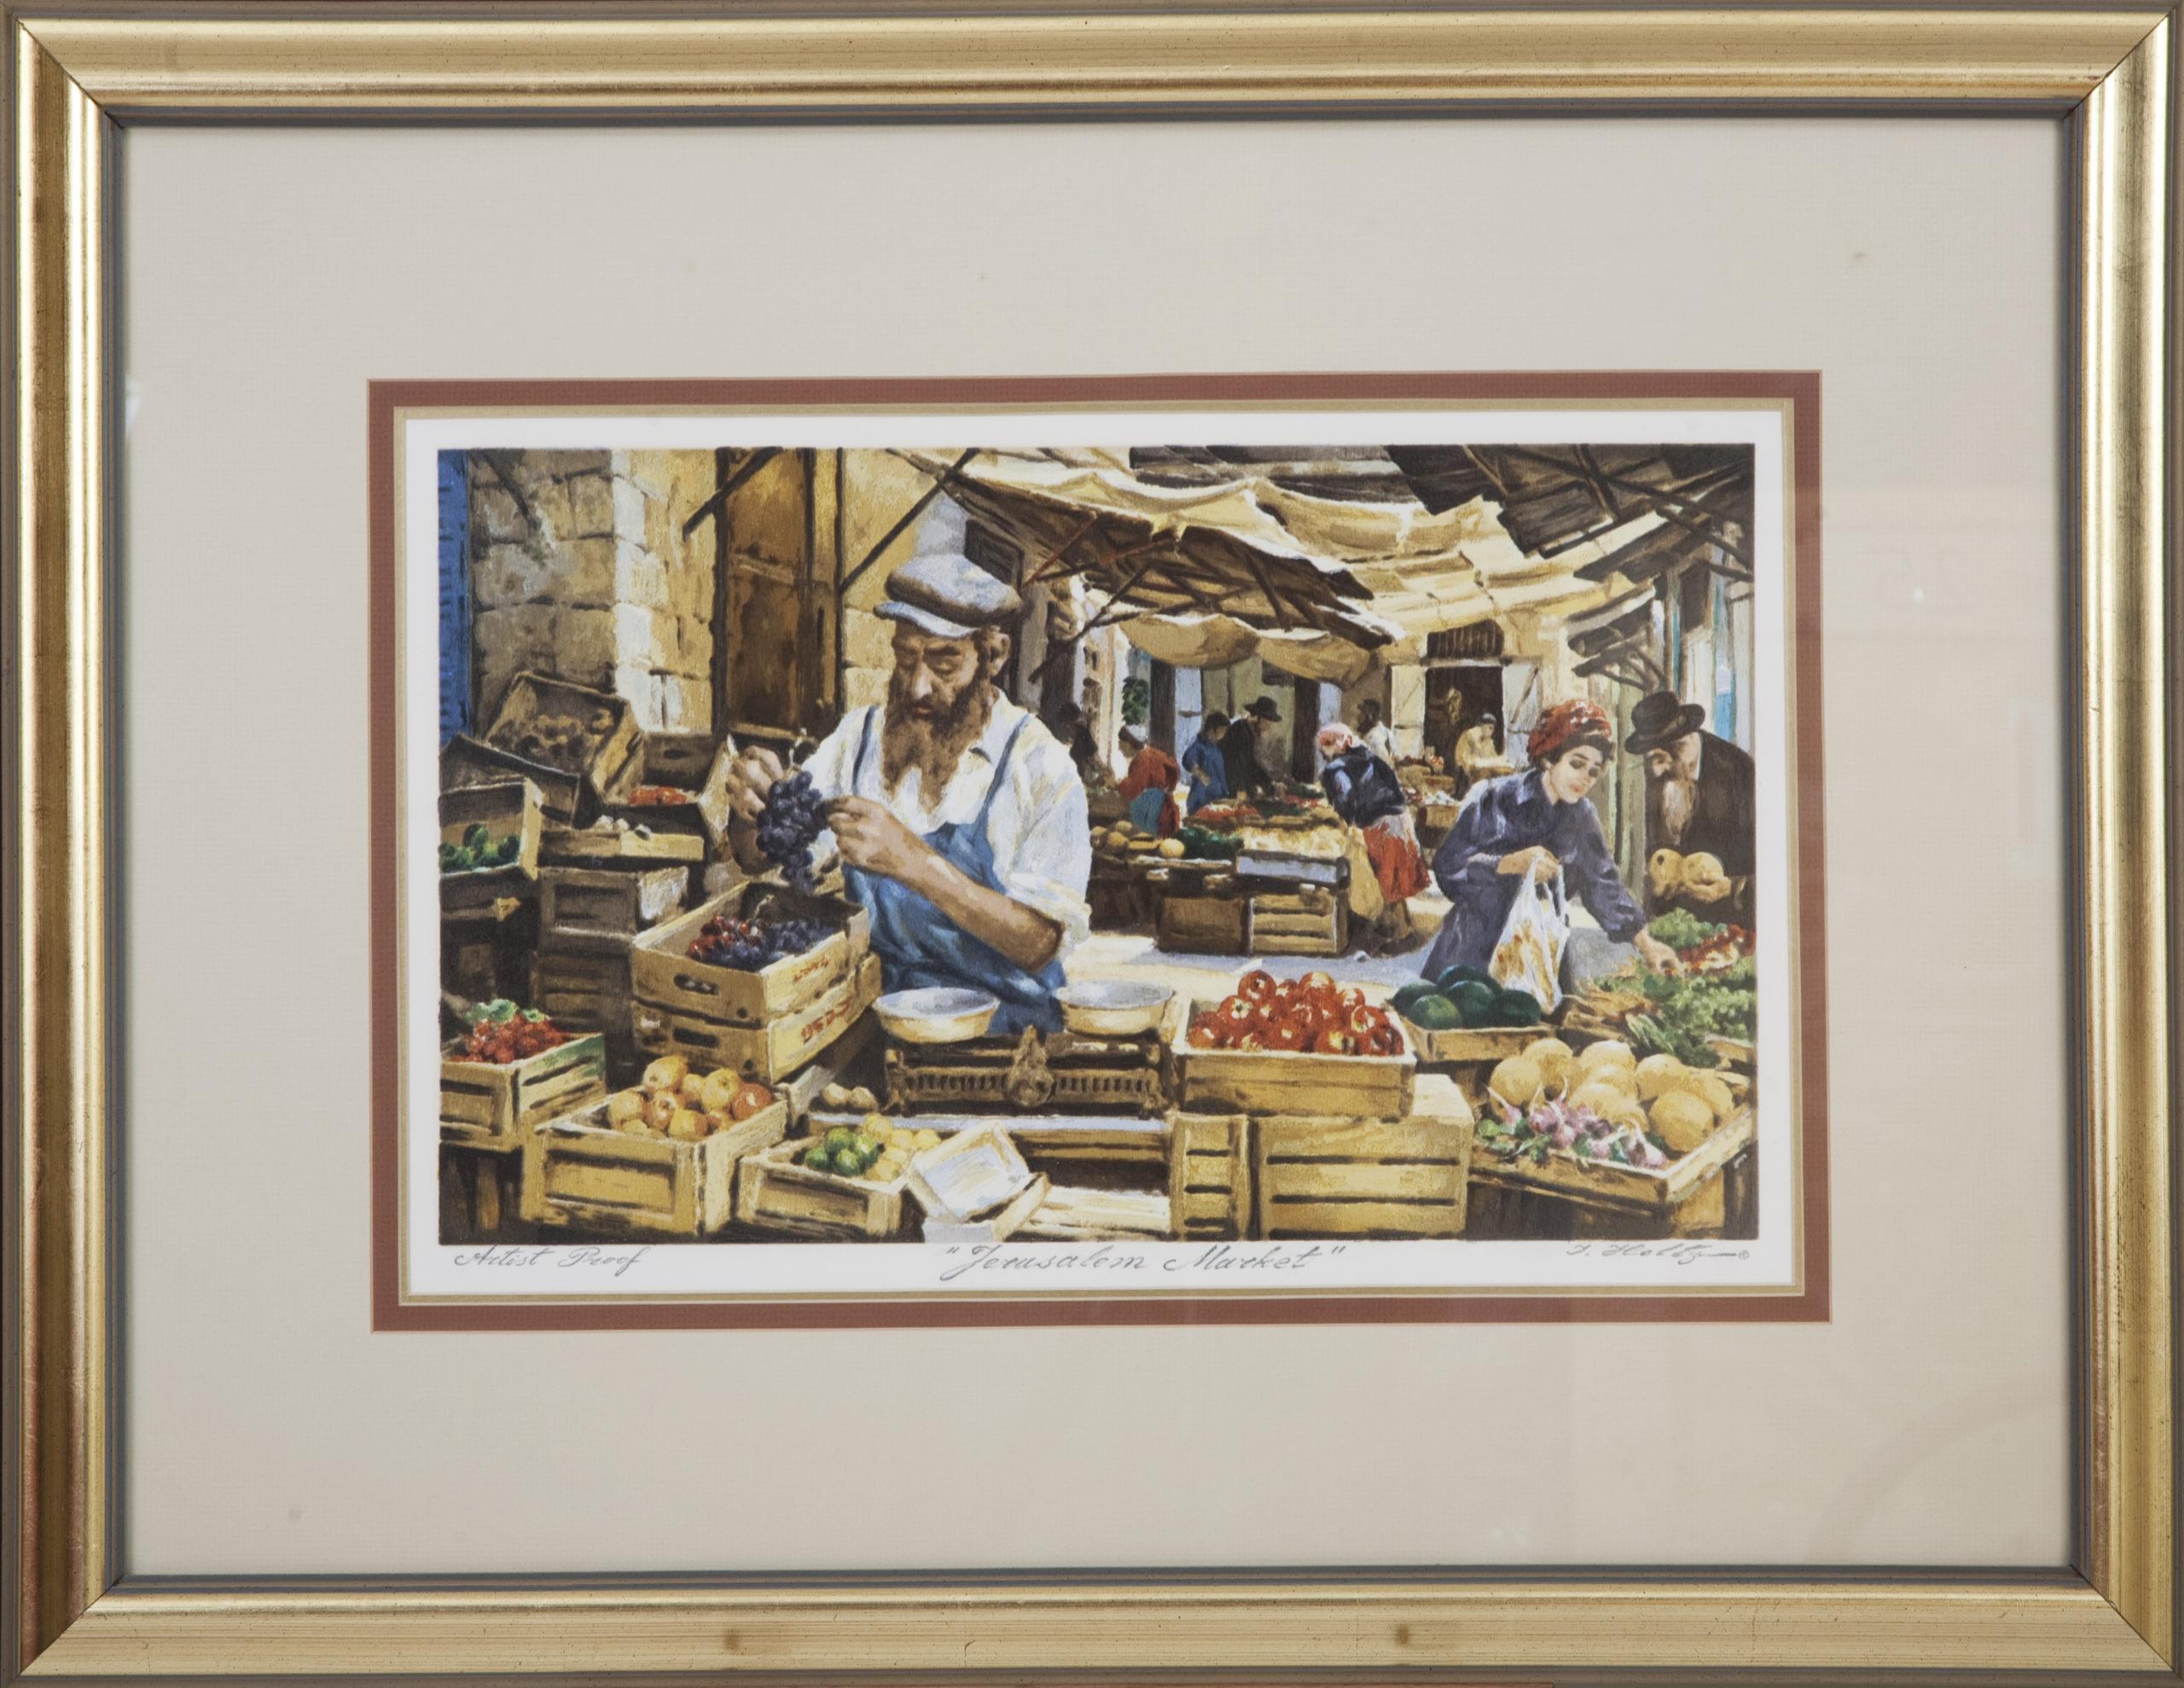 L63 Jerusalem Market - Color - Serigraph - 23 x 15.5 - Framed